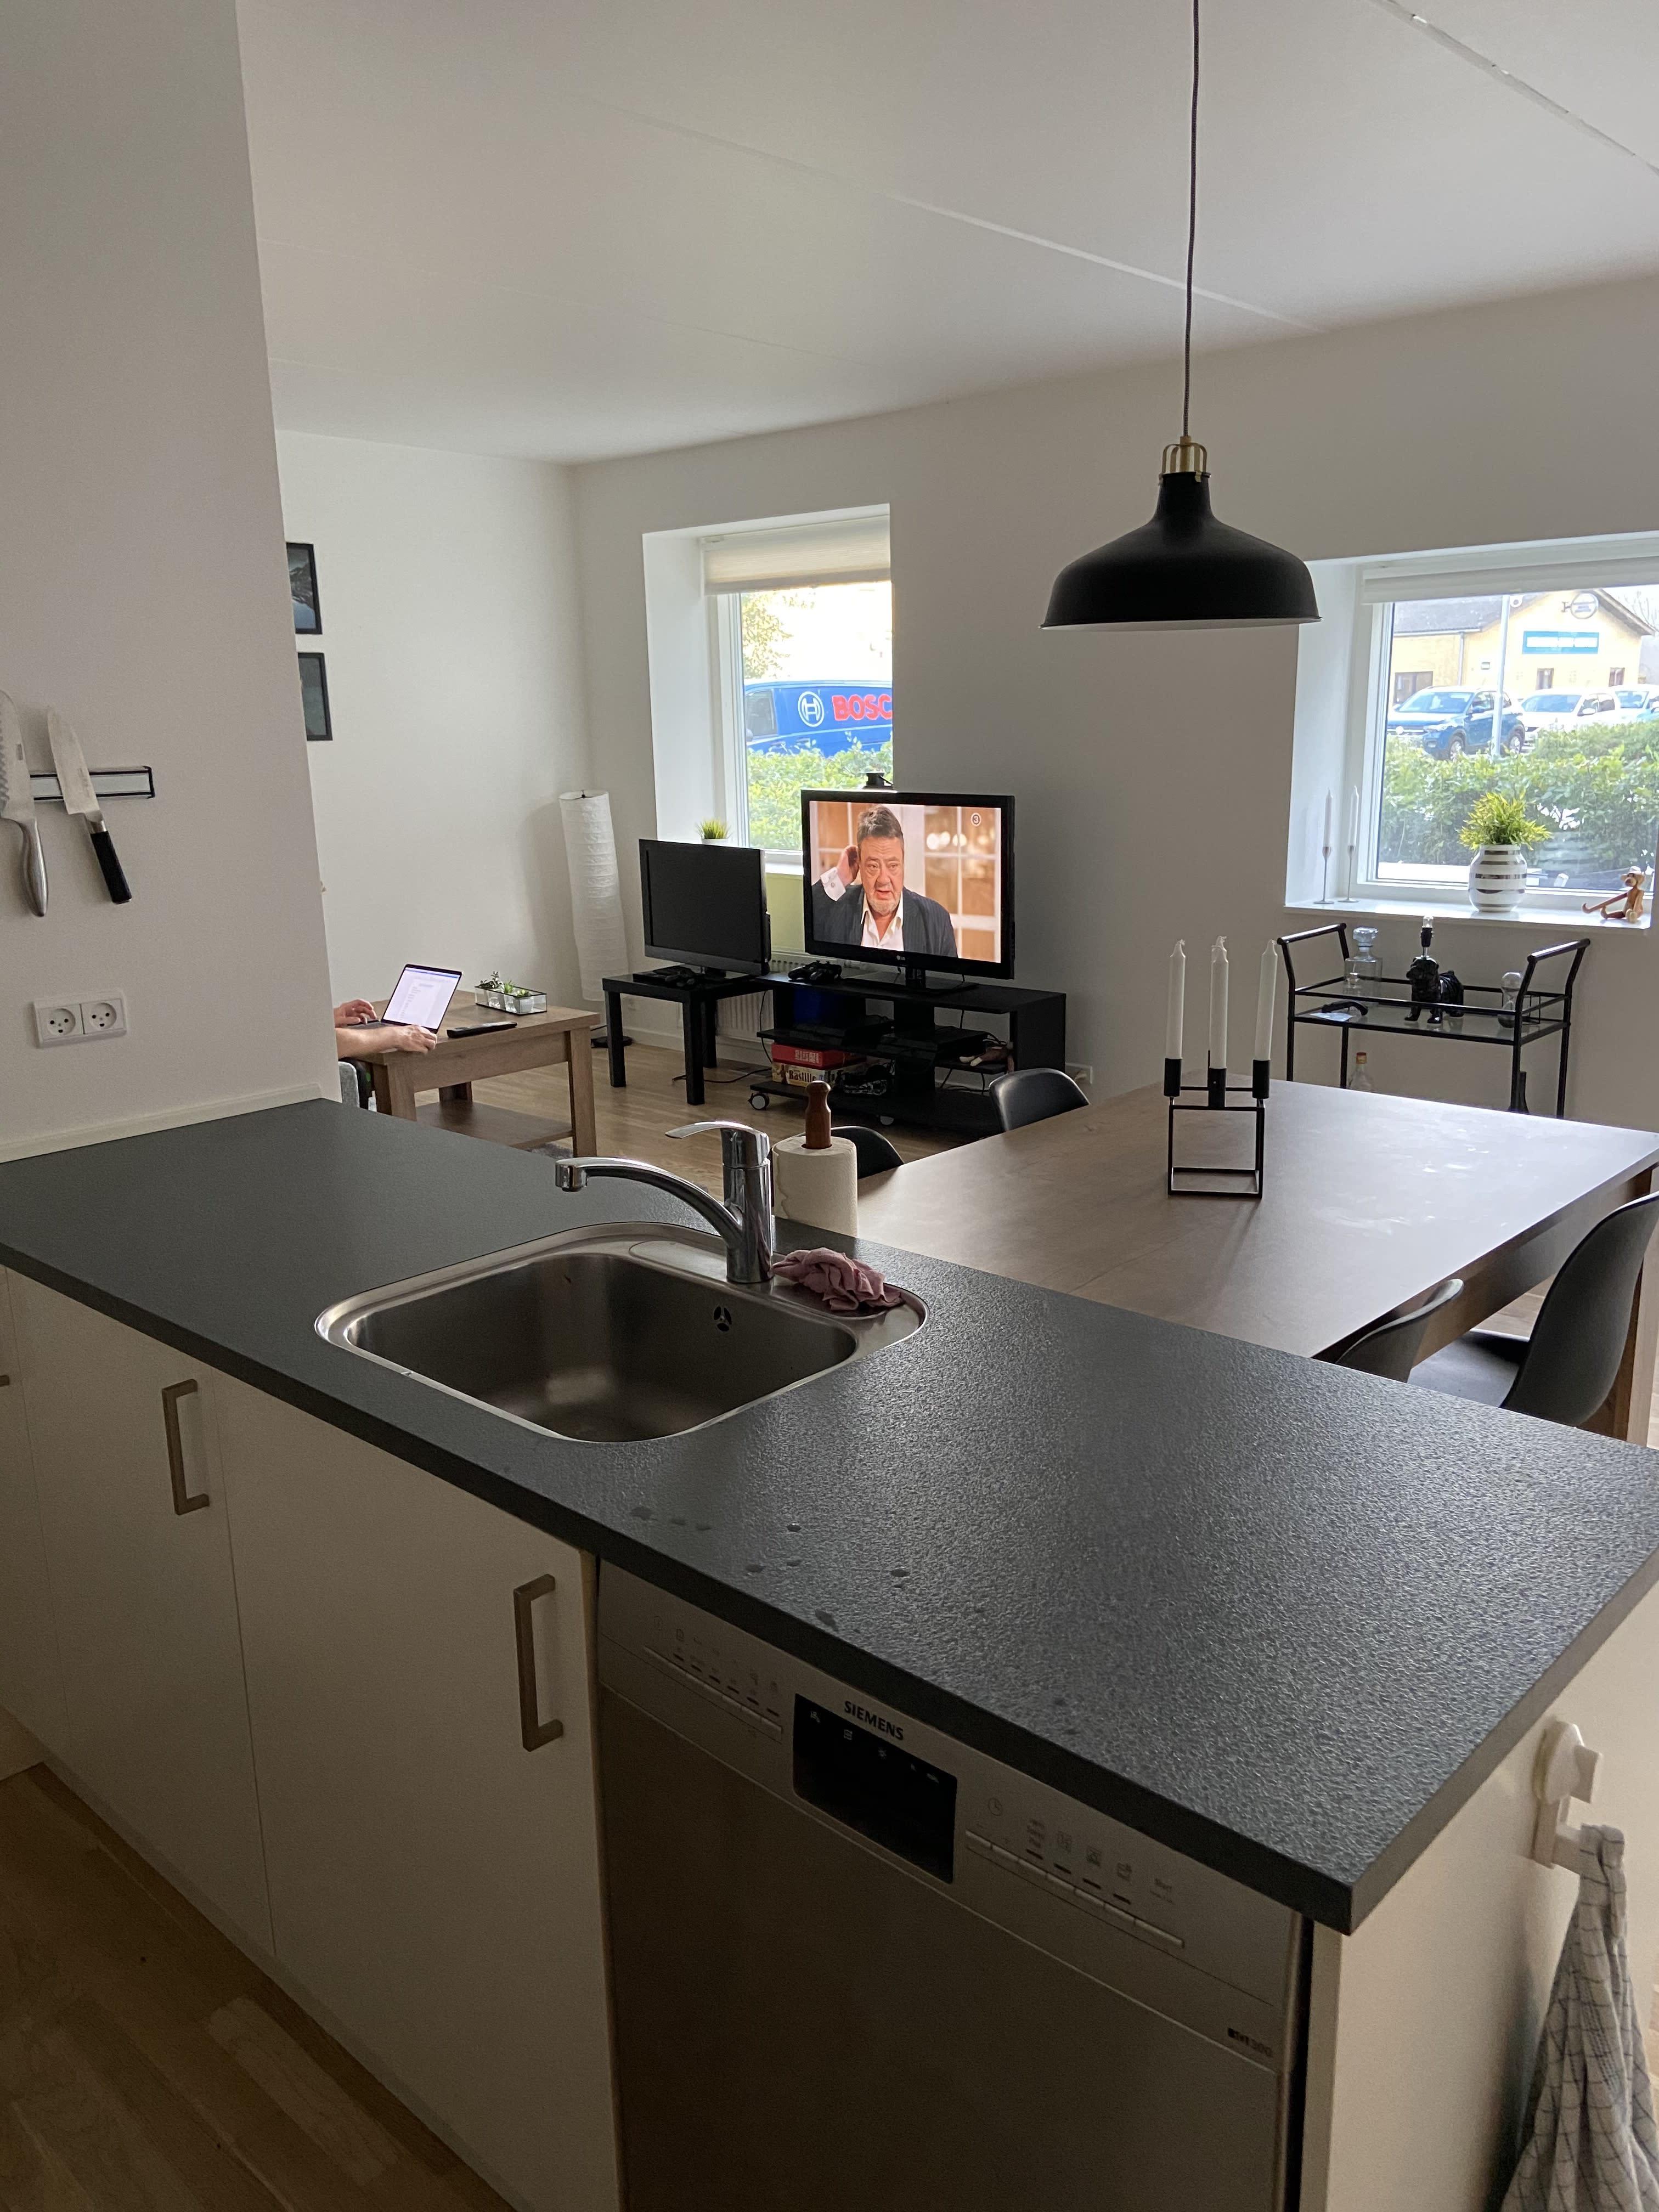 Roomie søges til lejlighed i Aabyen 500 meter fra Aarhus C